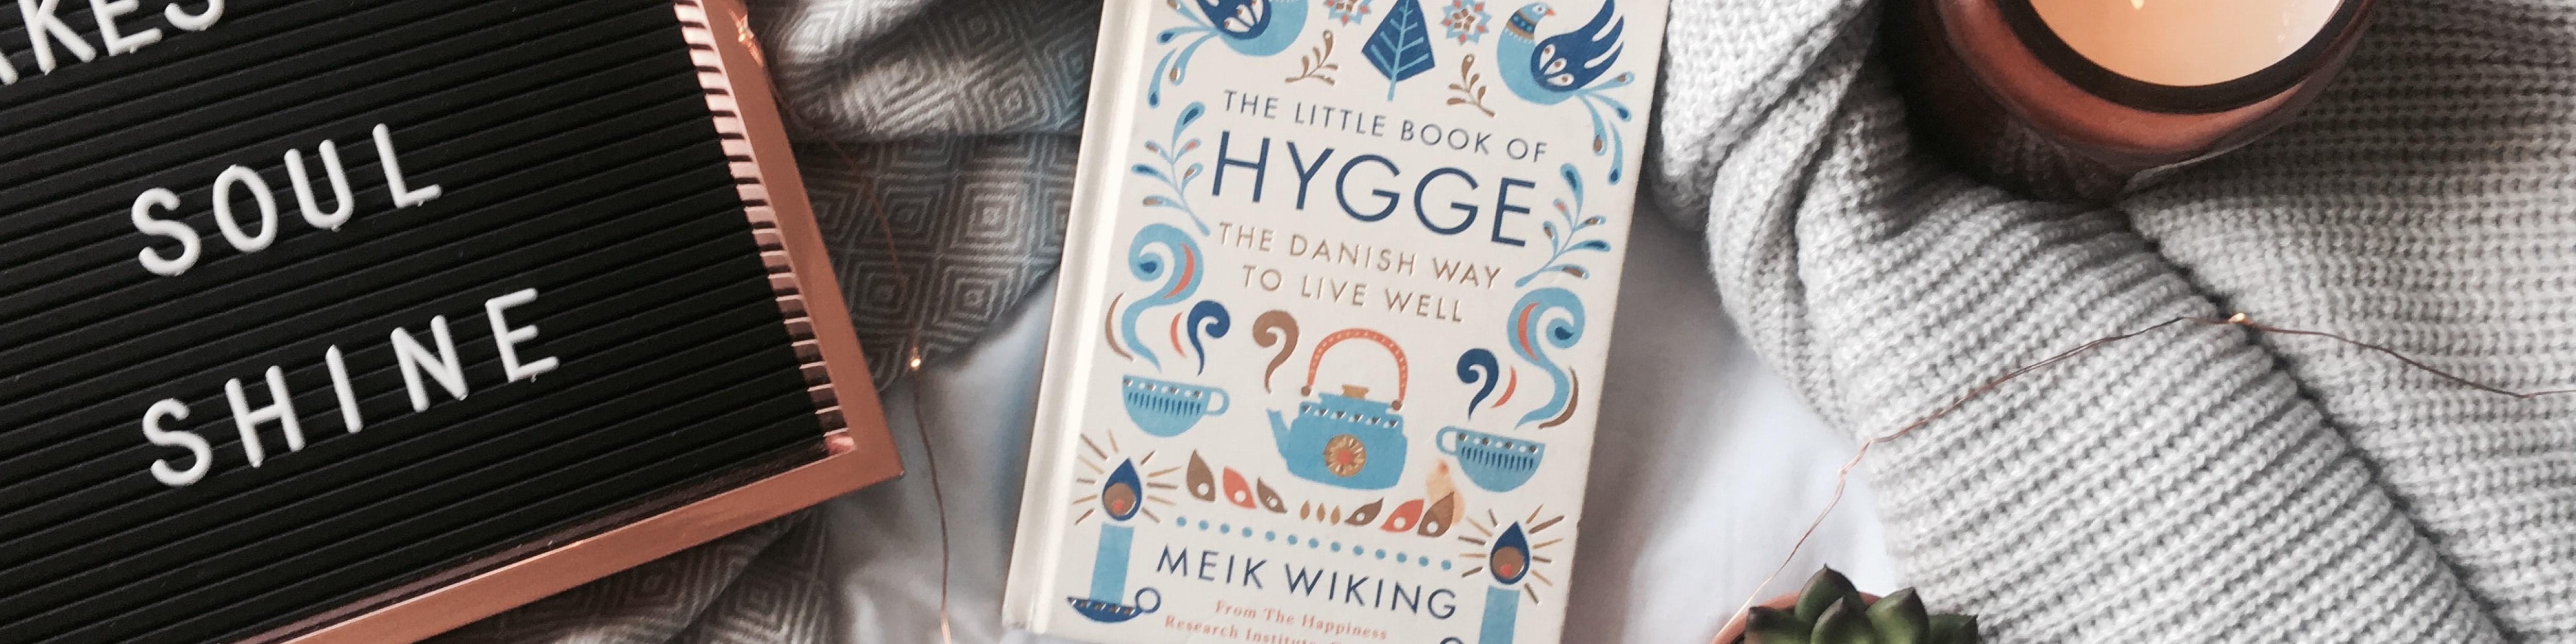 Le livre du hygge, méthode danoise de Meik Wiking